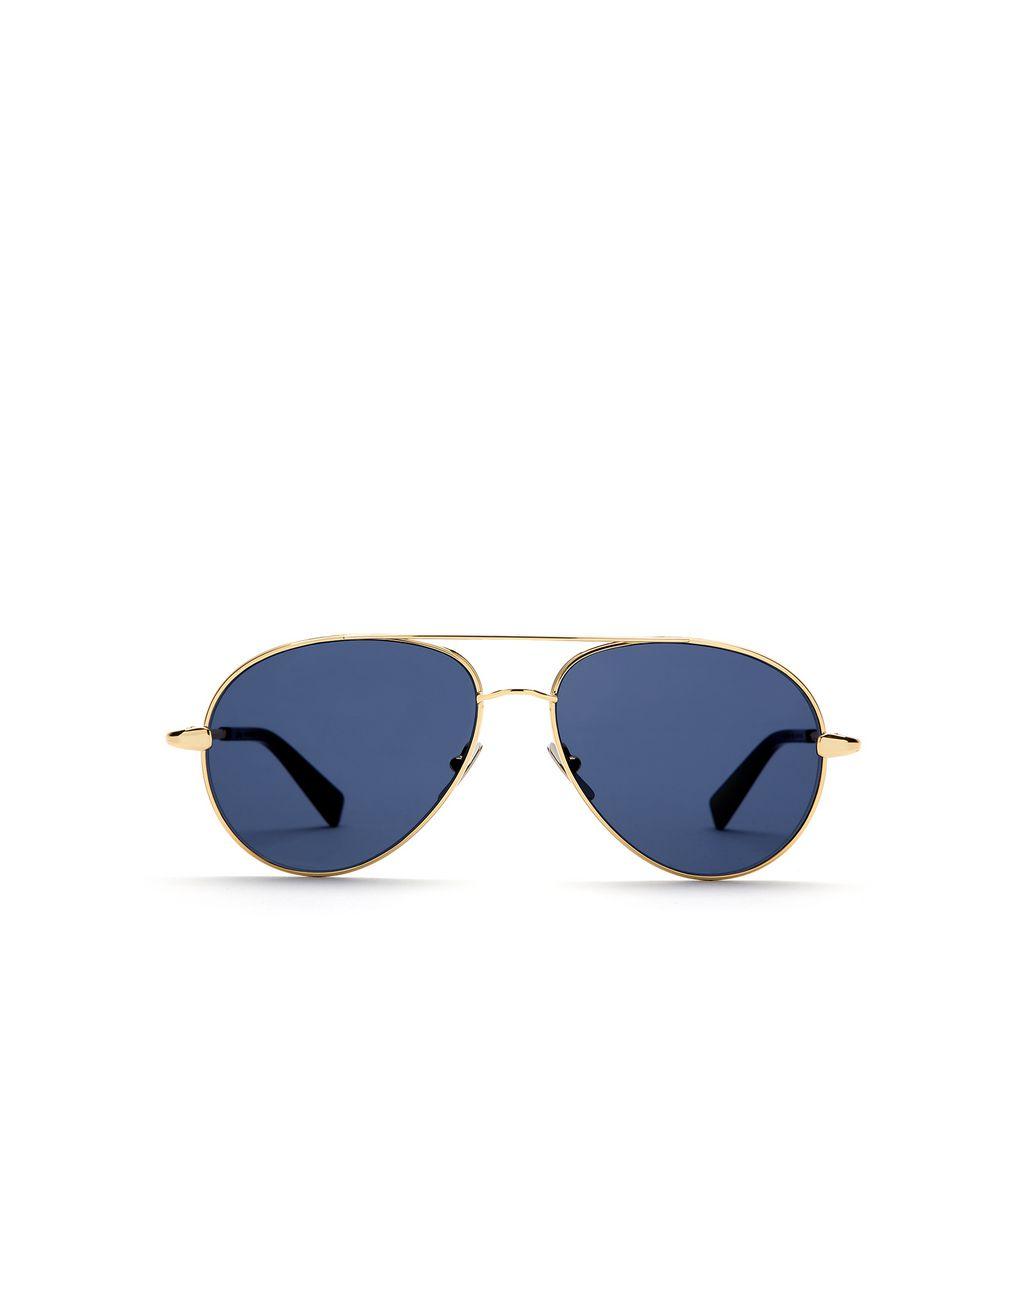 b3d150ea4b Brioni Men s Sunglasses